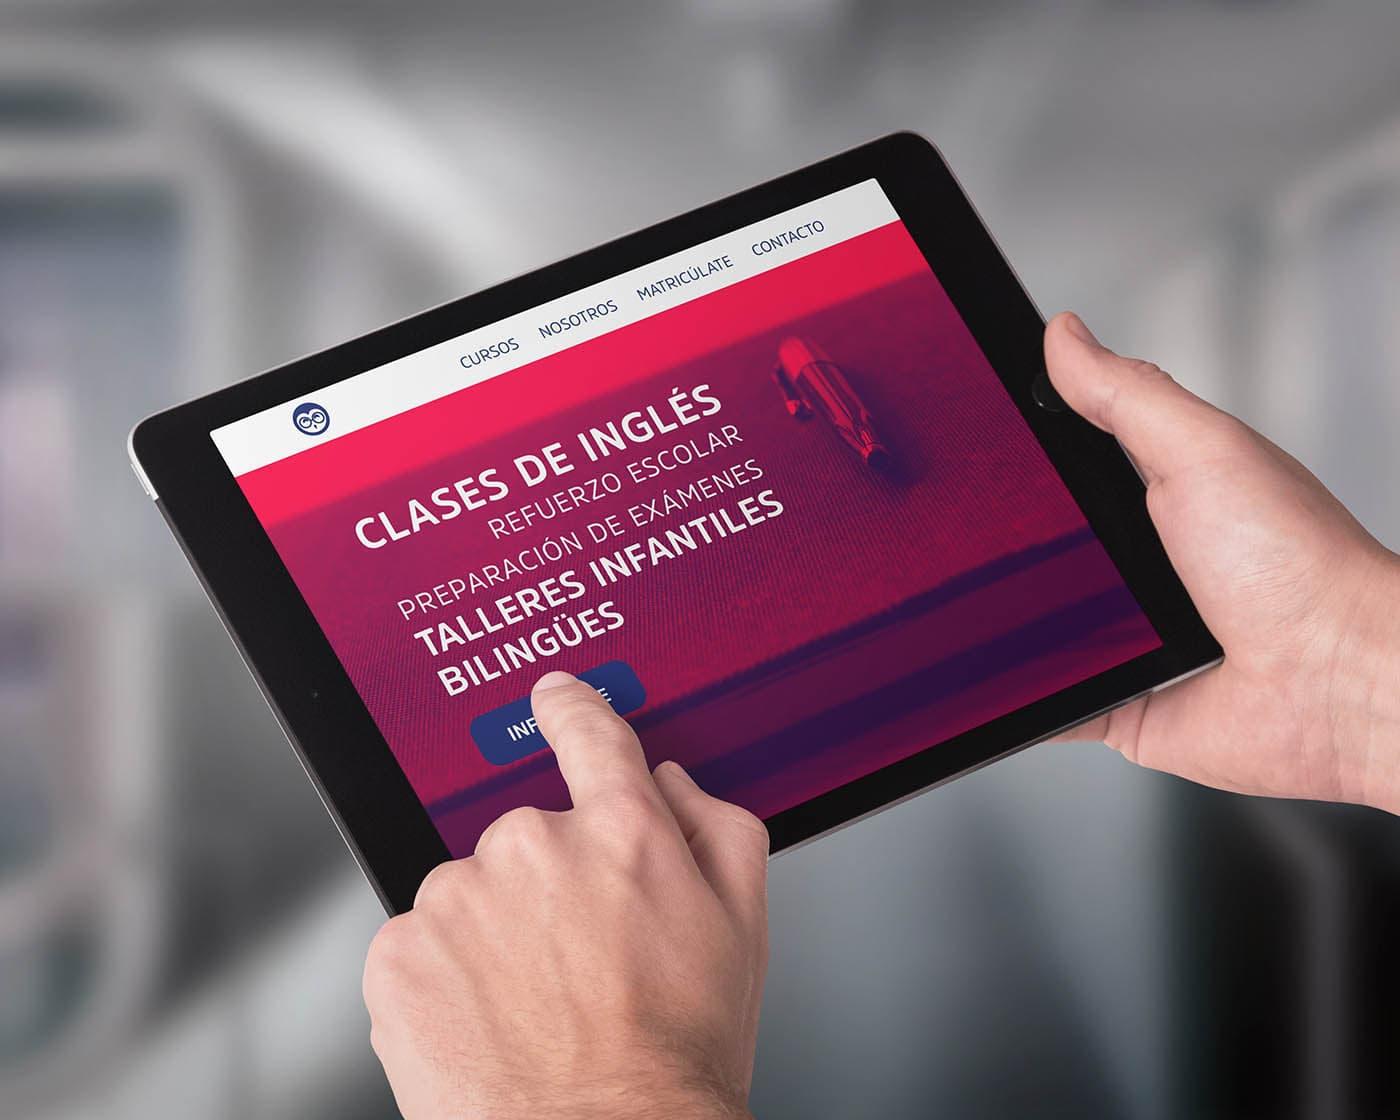 Centro Bellevue versión tablet